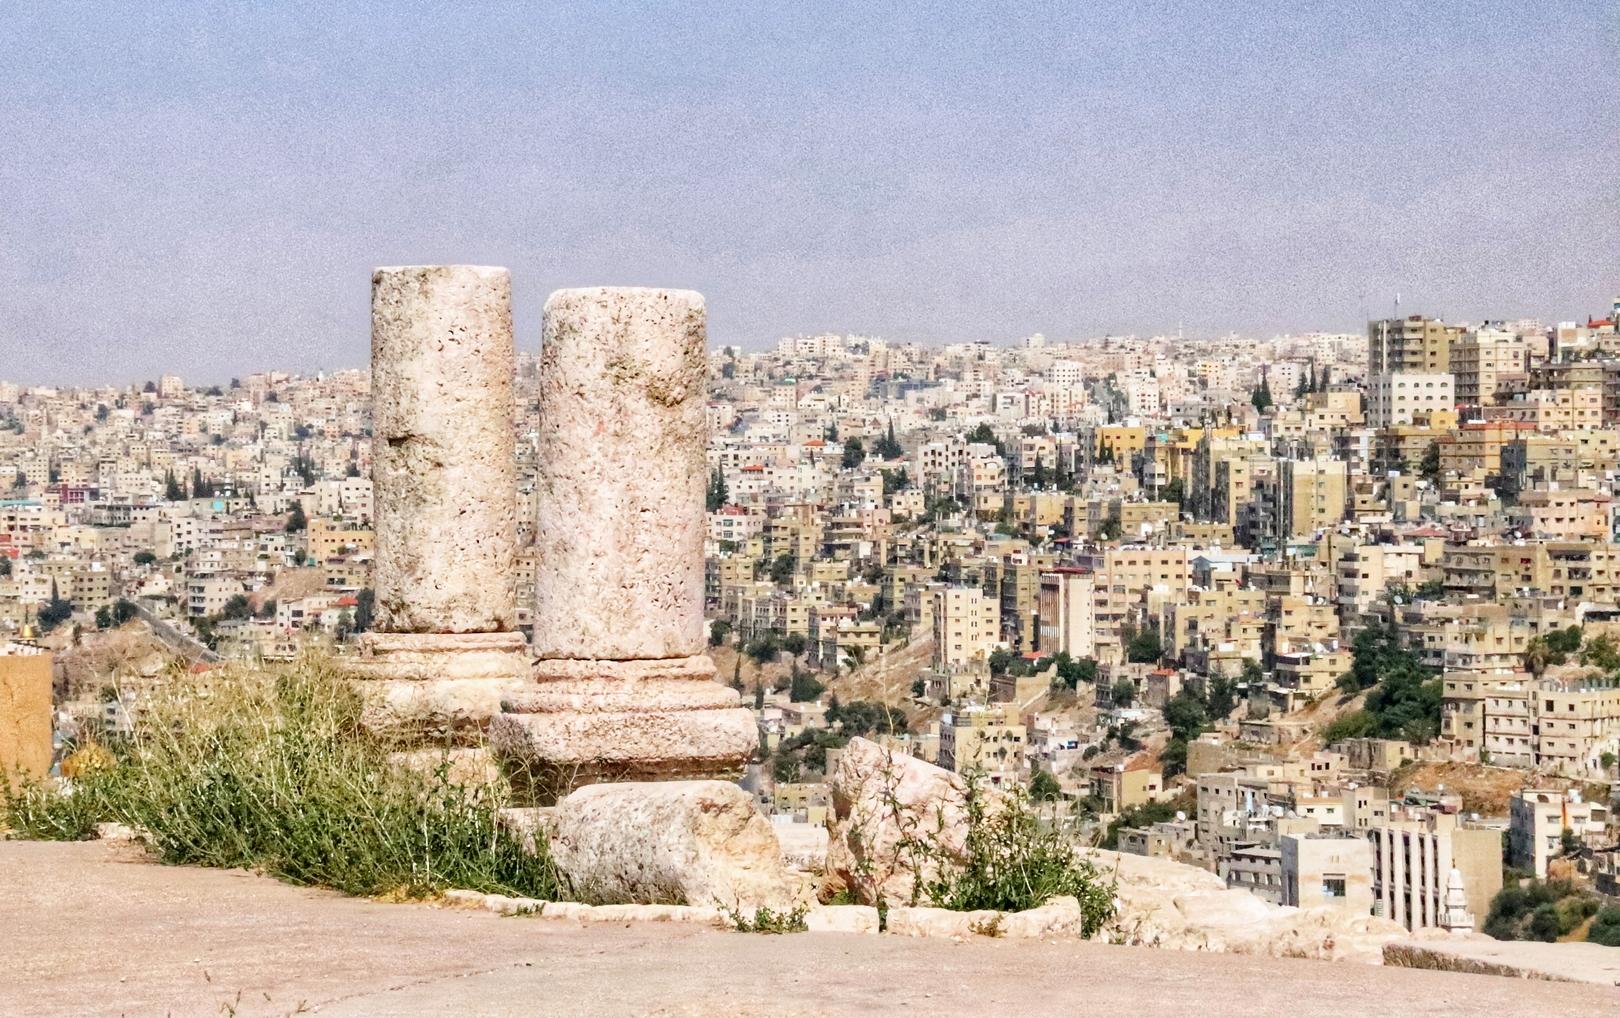 Jordanie - Amman du haut de la citadelle (Jabal al-Qal'a)